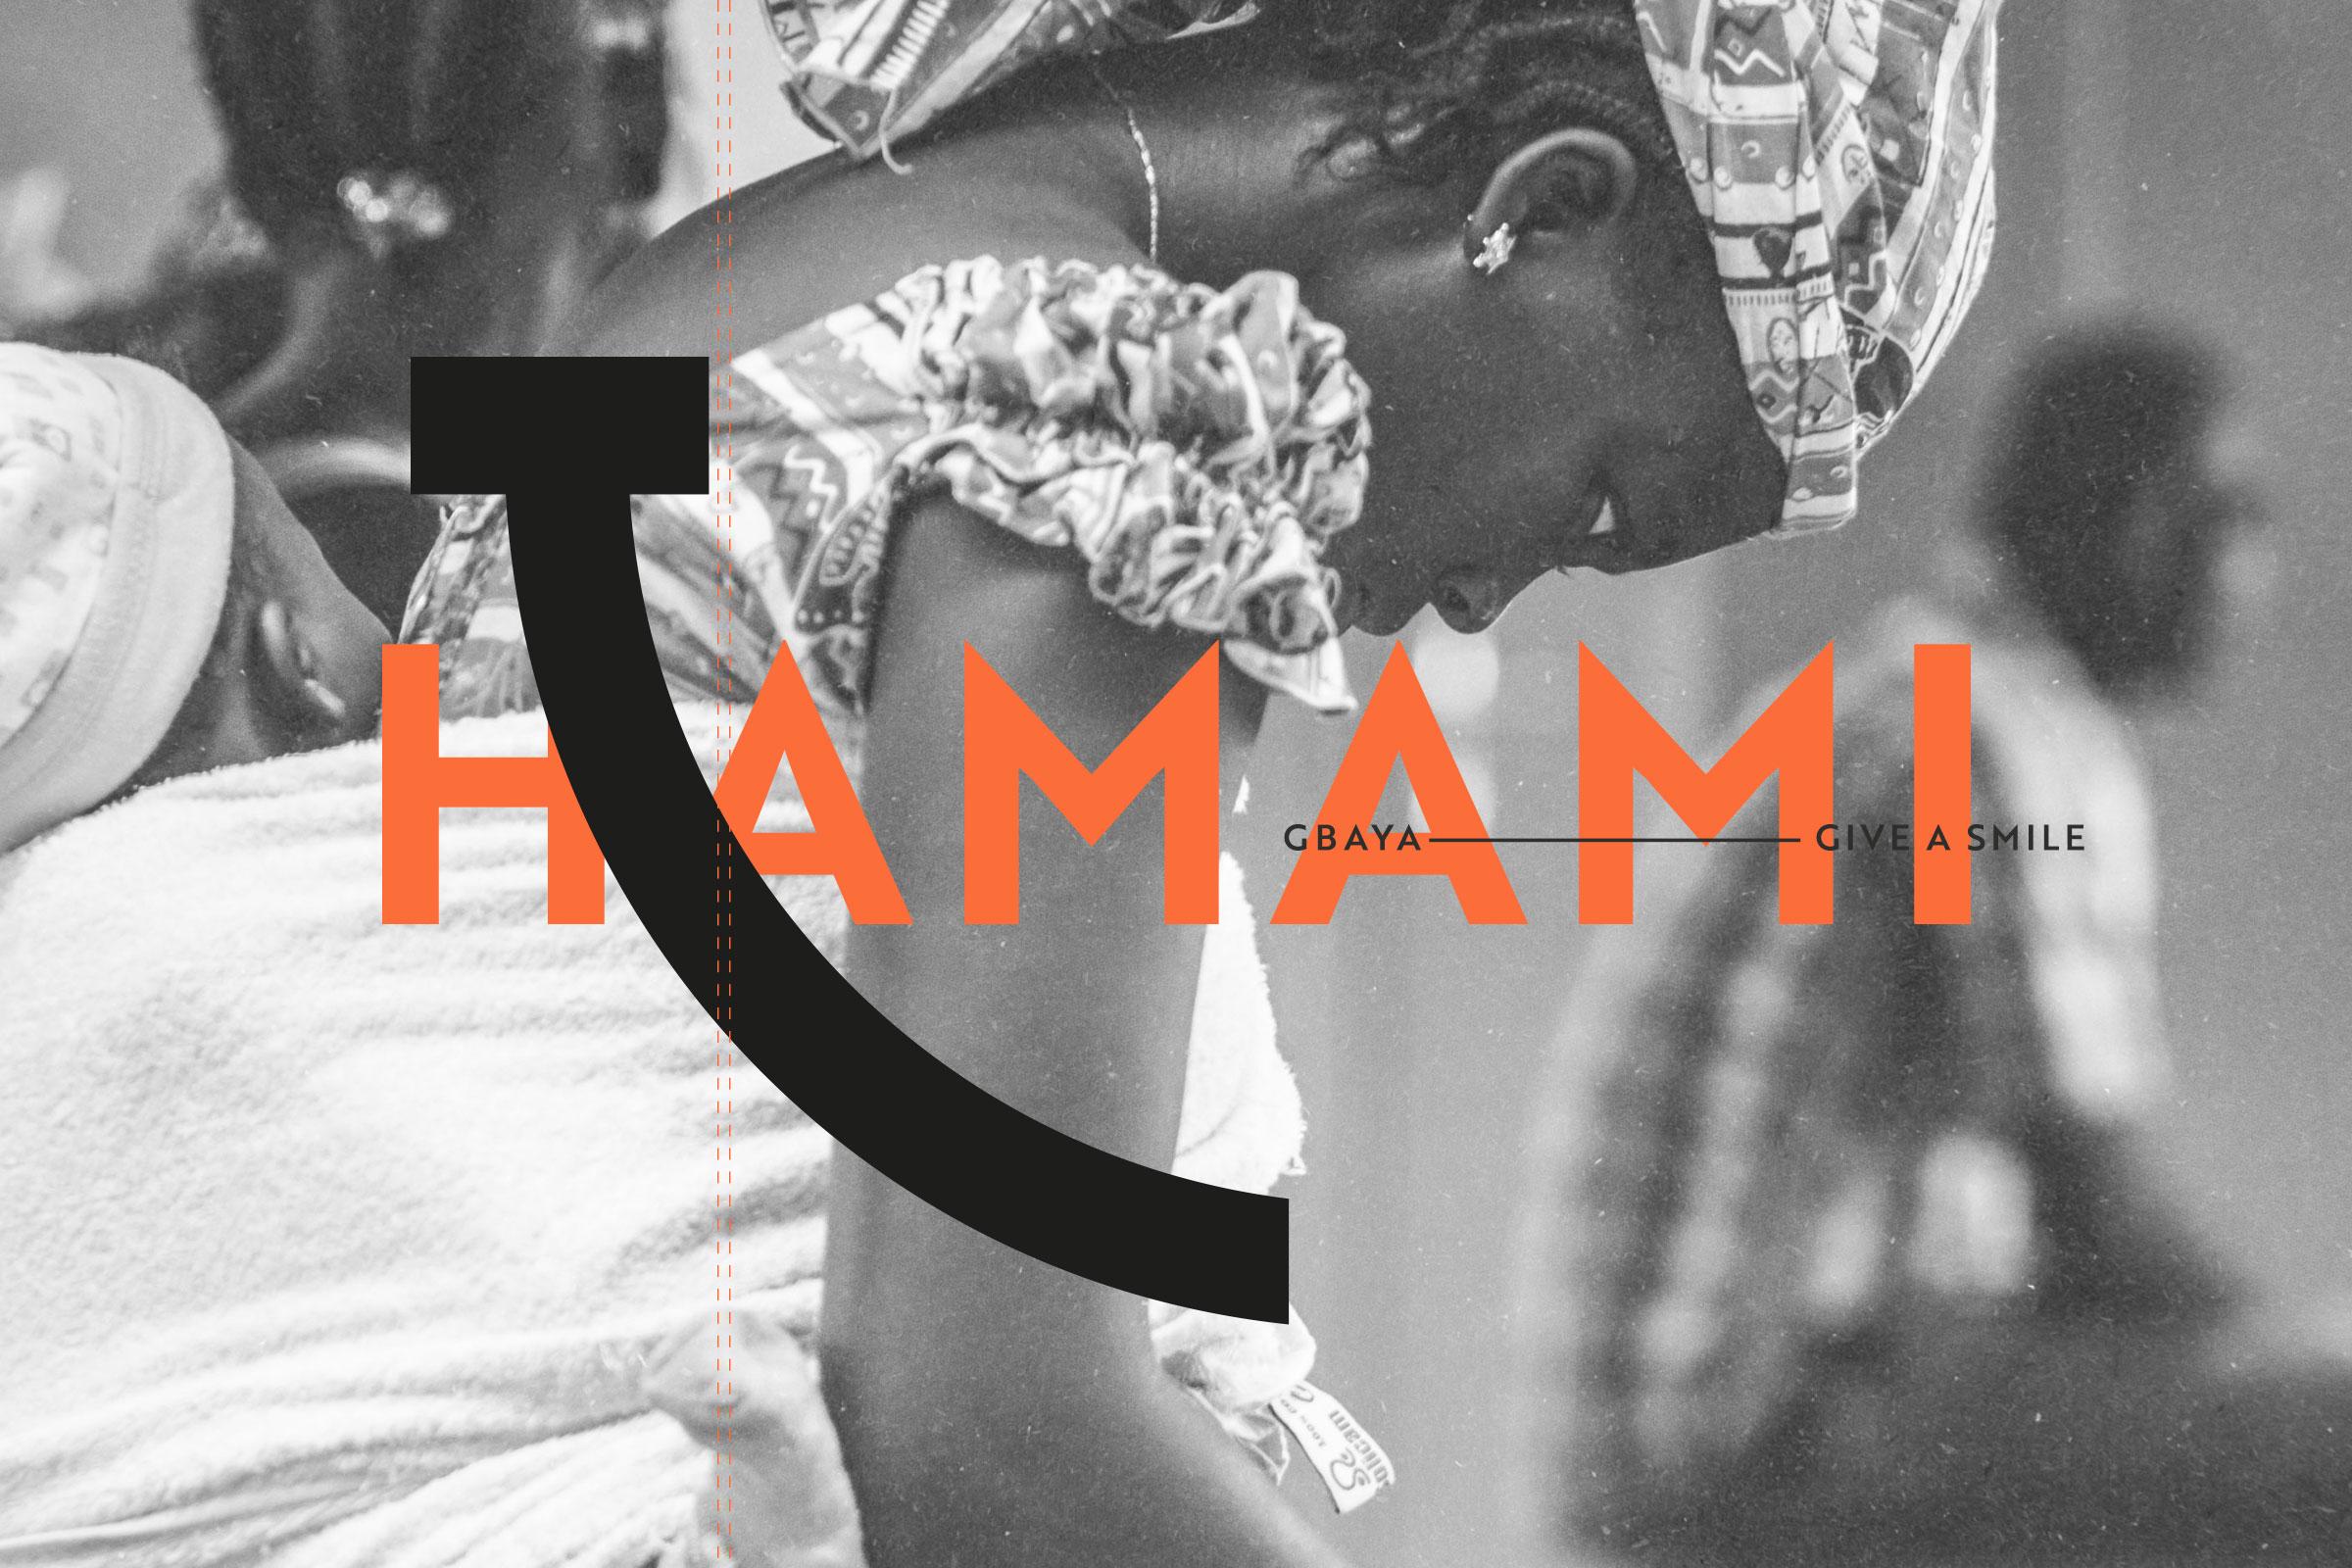 visee_case_hamami-8c